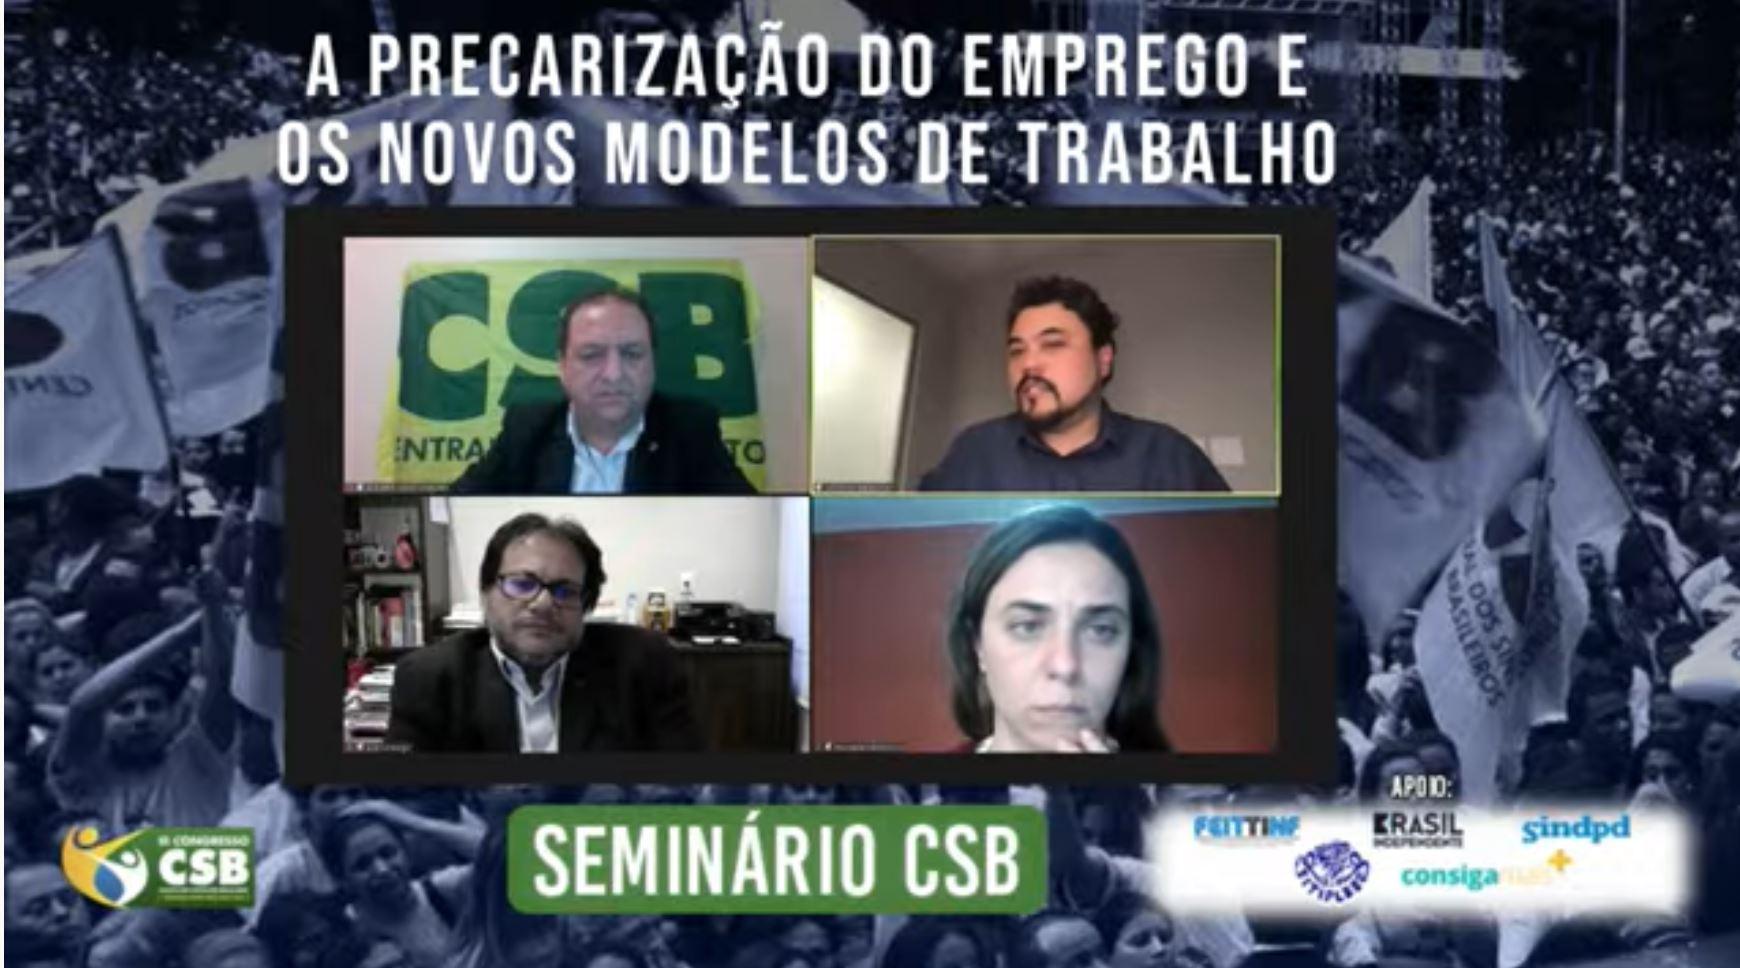 CSB reúne nomes do mundo jurídico, político, acadêmico e sindical em seminário